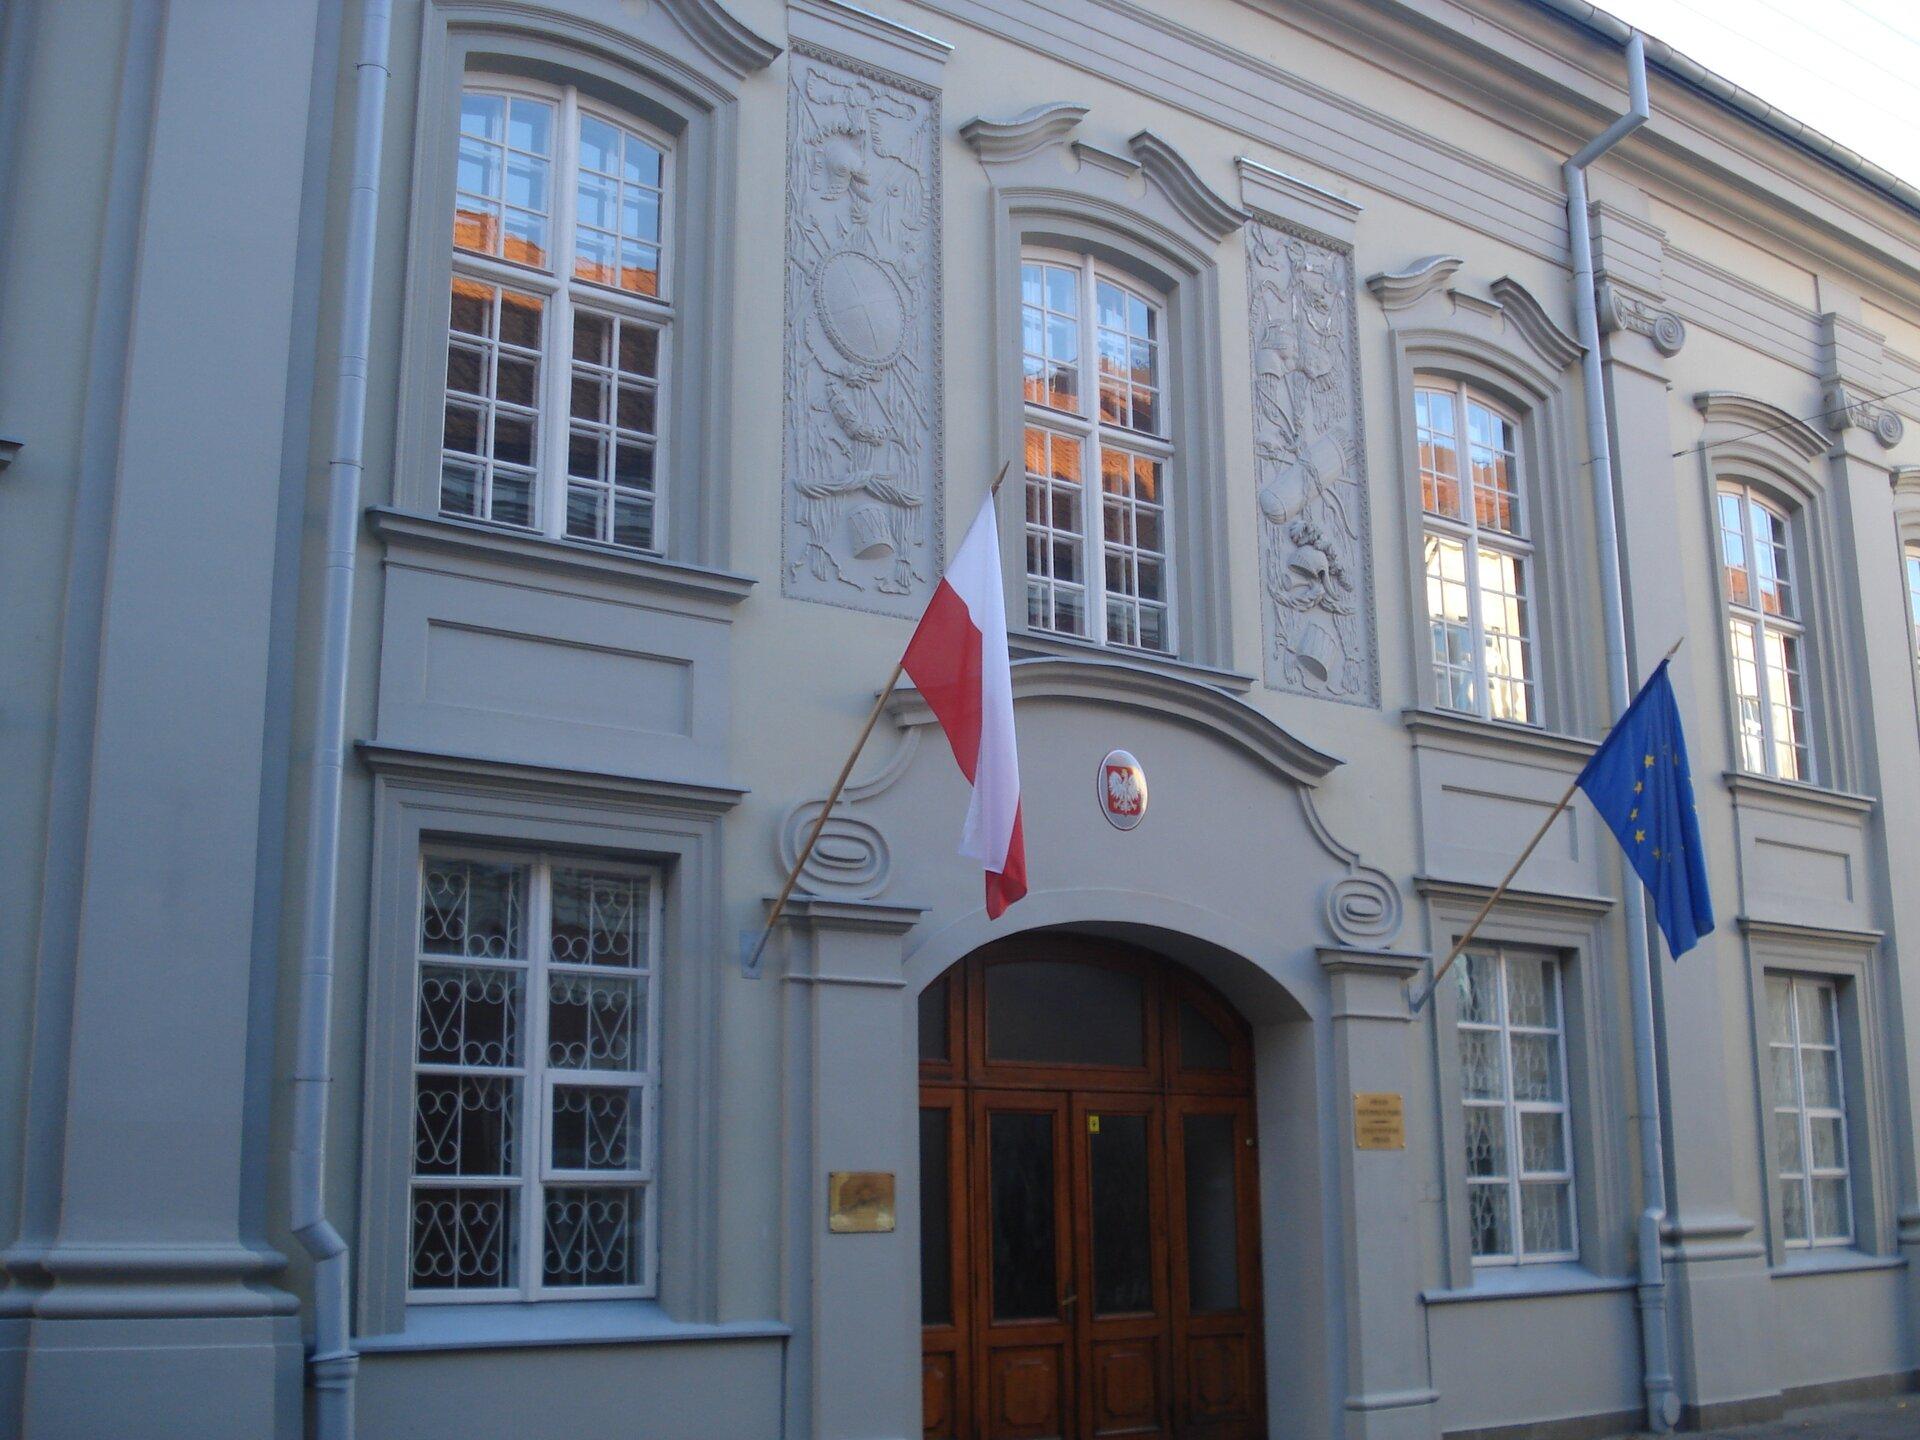 Polska ambasada wWilnie Źródło: Alma Pater, Polska ambasada wWilnie , 2007, fotografia, licencja: CC BY-SA 3.0.